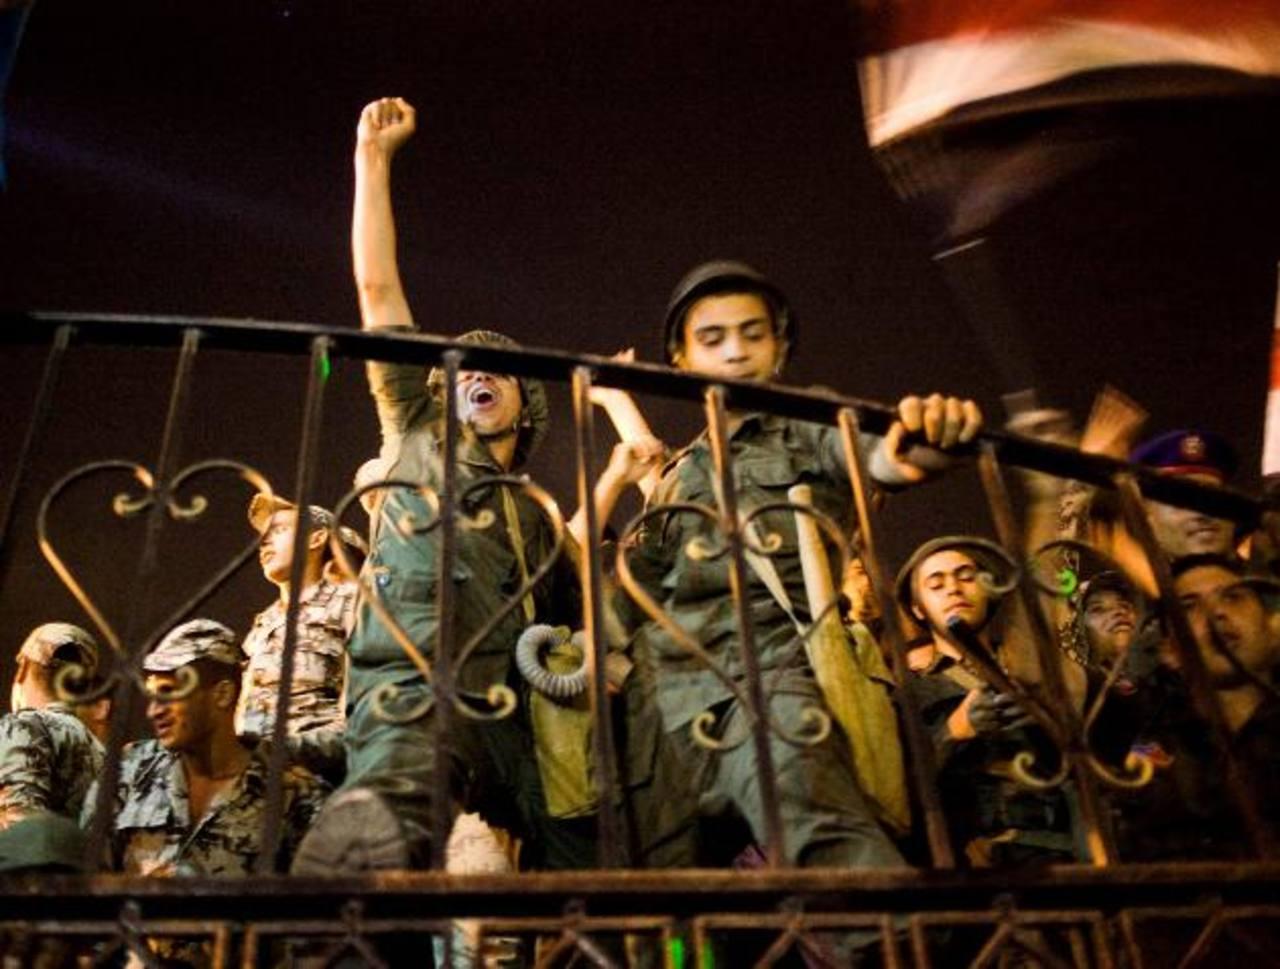 Simpatizantes del presidente egipcio Mohamed Mursi rezaban ayer cerca de la Universidad de El Cairo. foto edh /EFESoldados egipcios celebran ayer tras el discurso del ministro de Defensa egipcio, Abdel-Fattah Al-Sissi, al anunciar el derrocamiento de